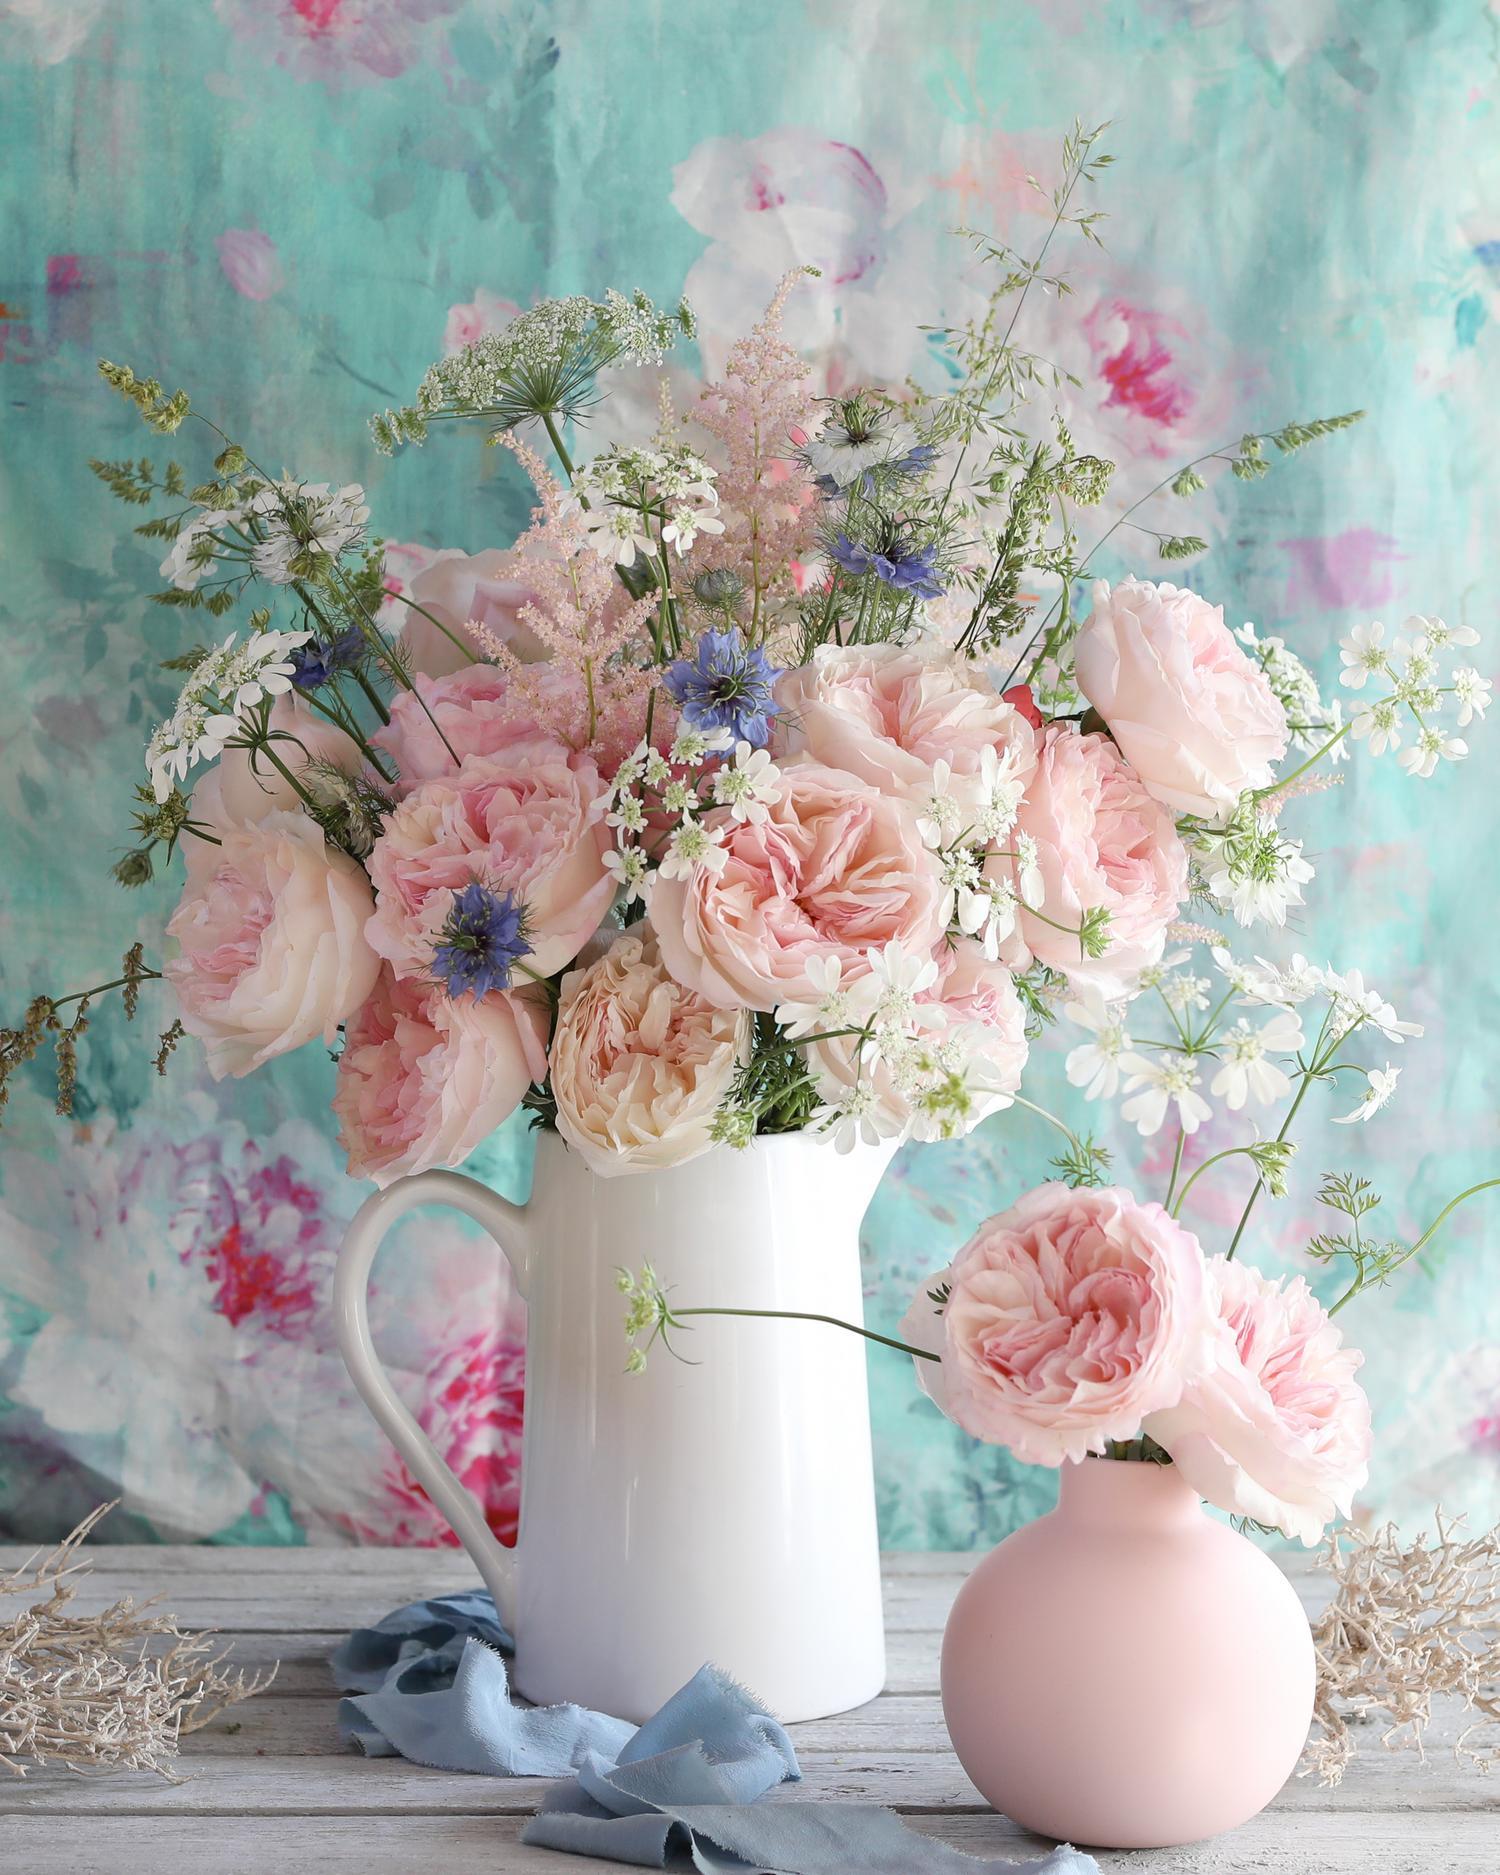 キーラは花瓶の配置で上昇しました